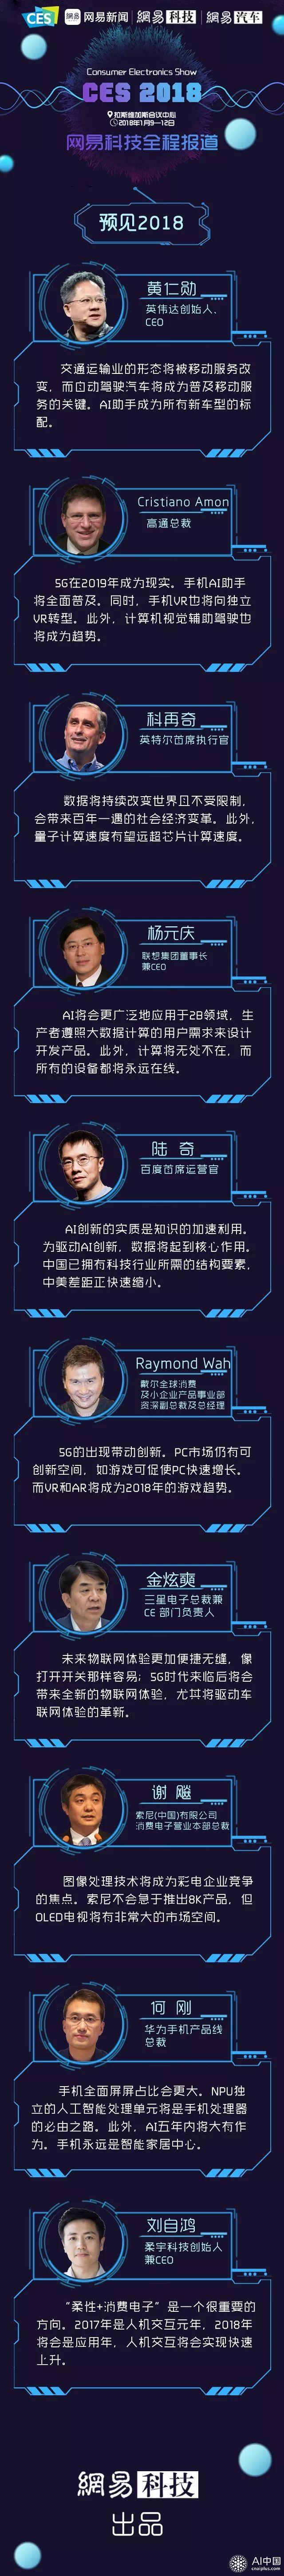 预见2018|黄仁勋科再奇杨元庆们都在期待着什么?